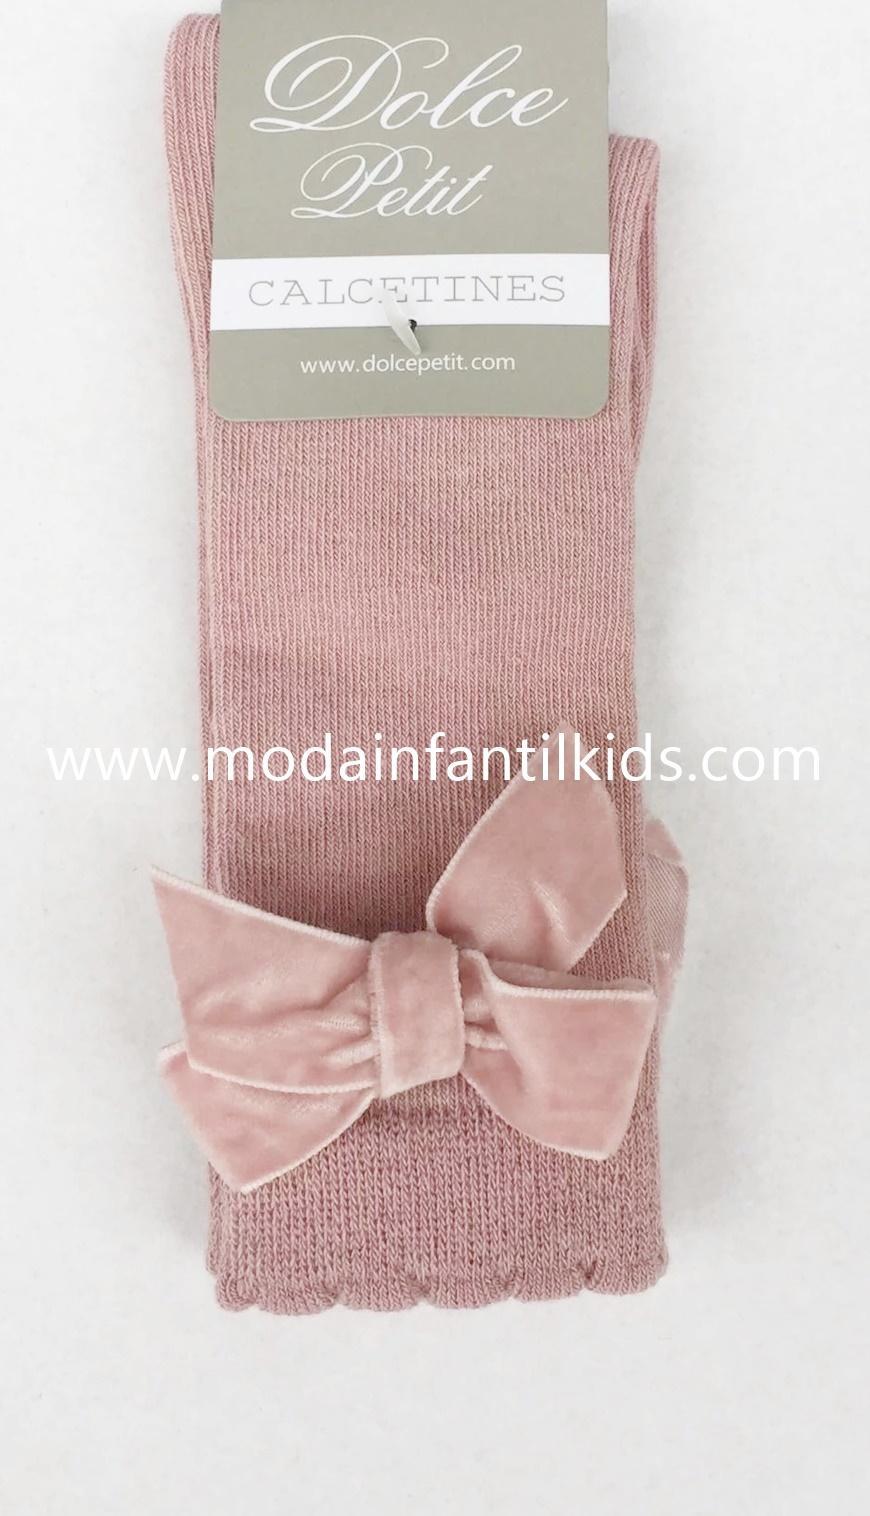 Calceta lazo bebe y niña rosa empolvado Dolce Petit 2502/C